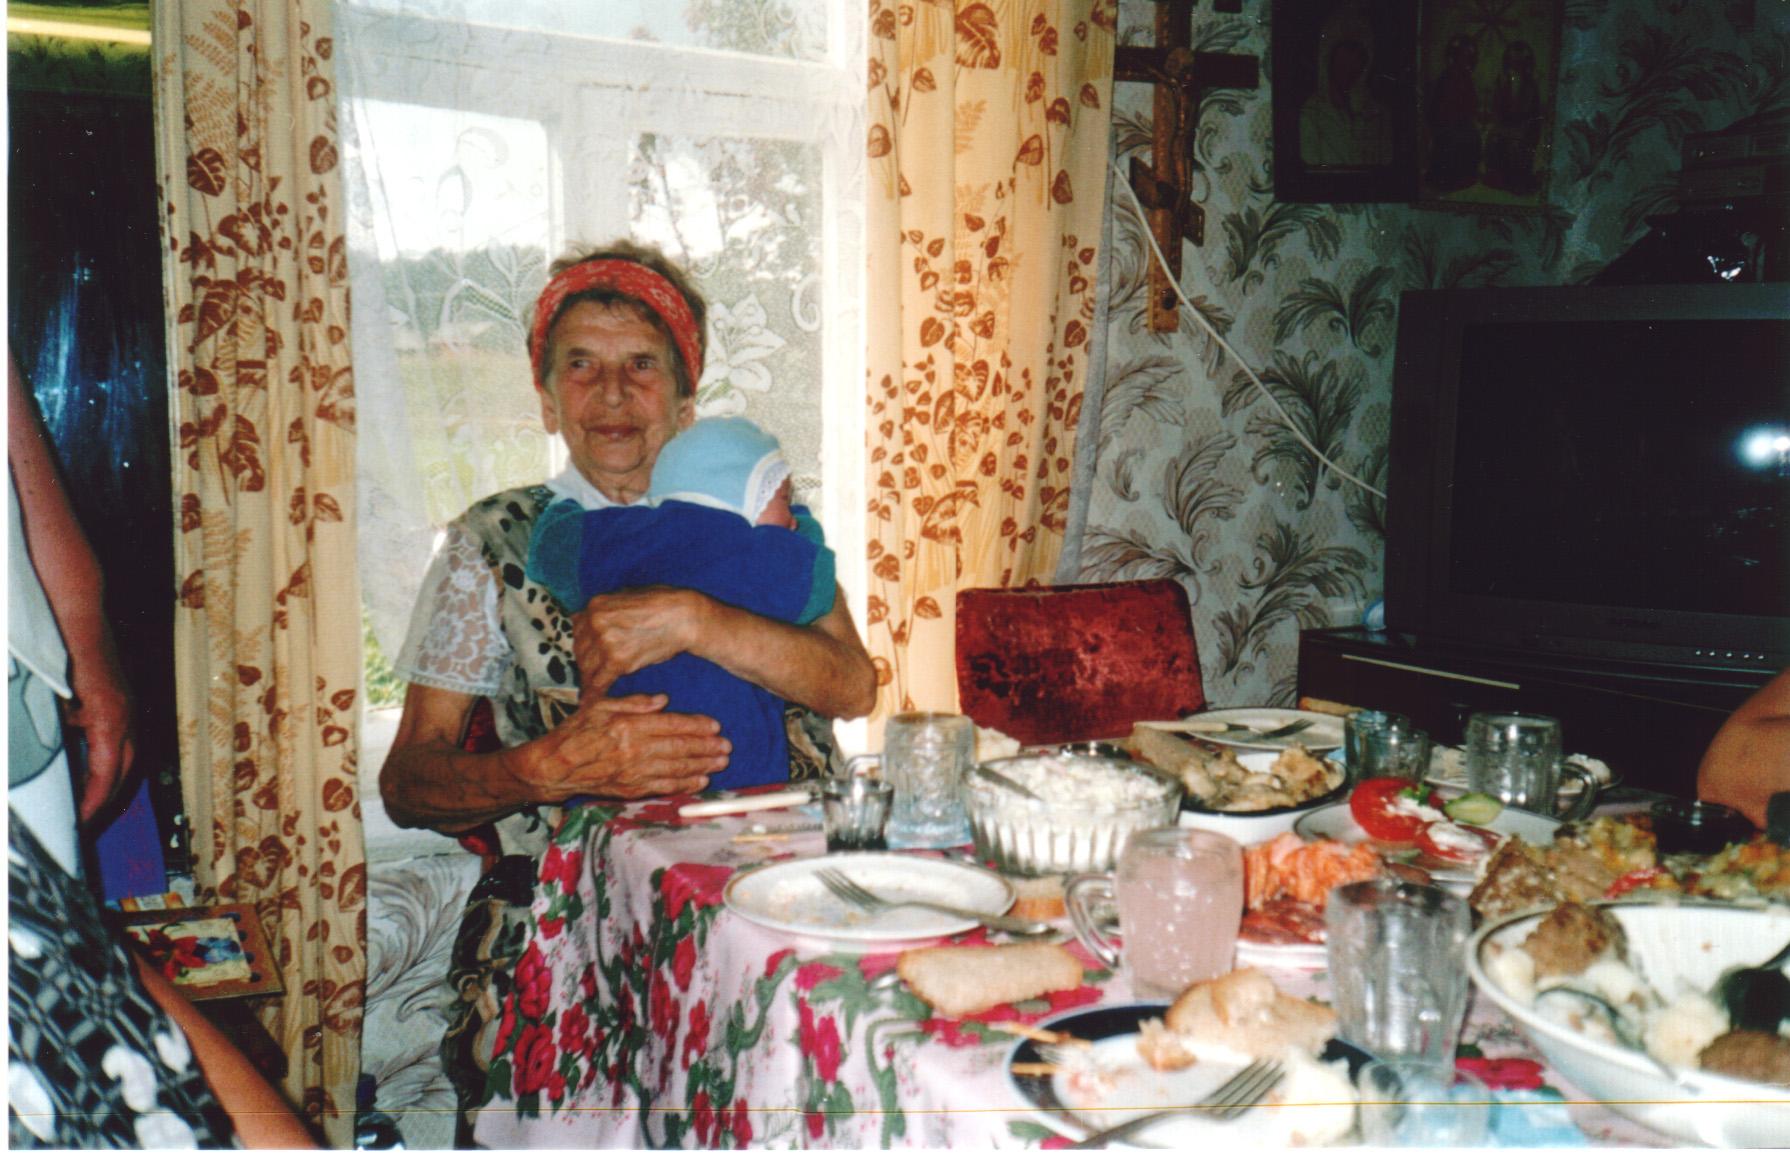 D:\фото разные\домашние\Семья\Юбилей 80 лет 17 августа2003 г\Мари29.jpg